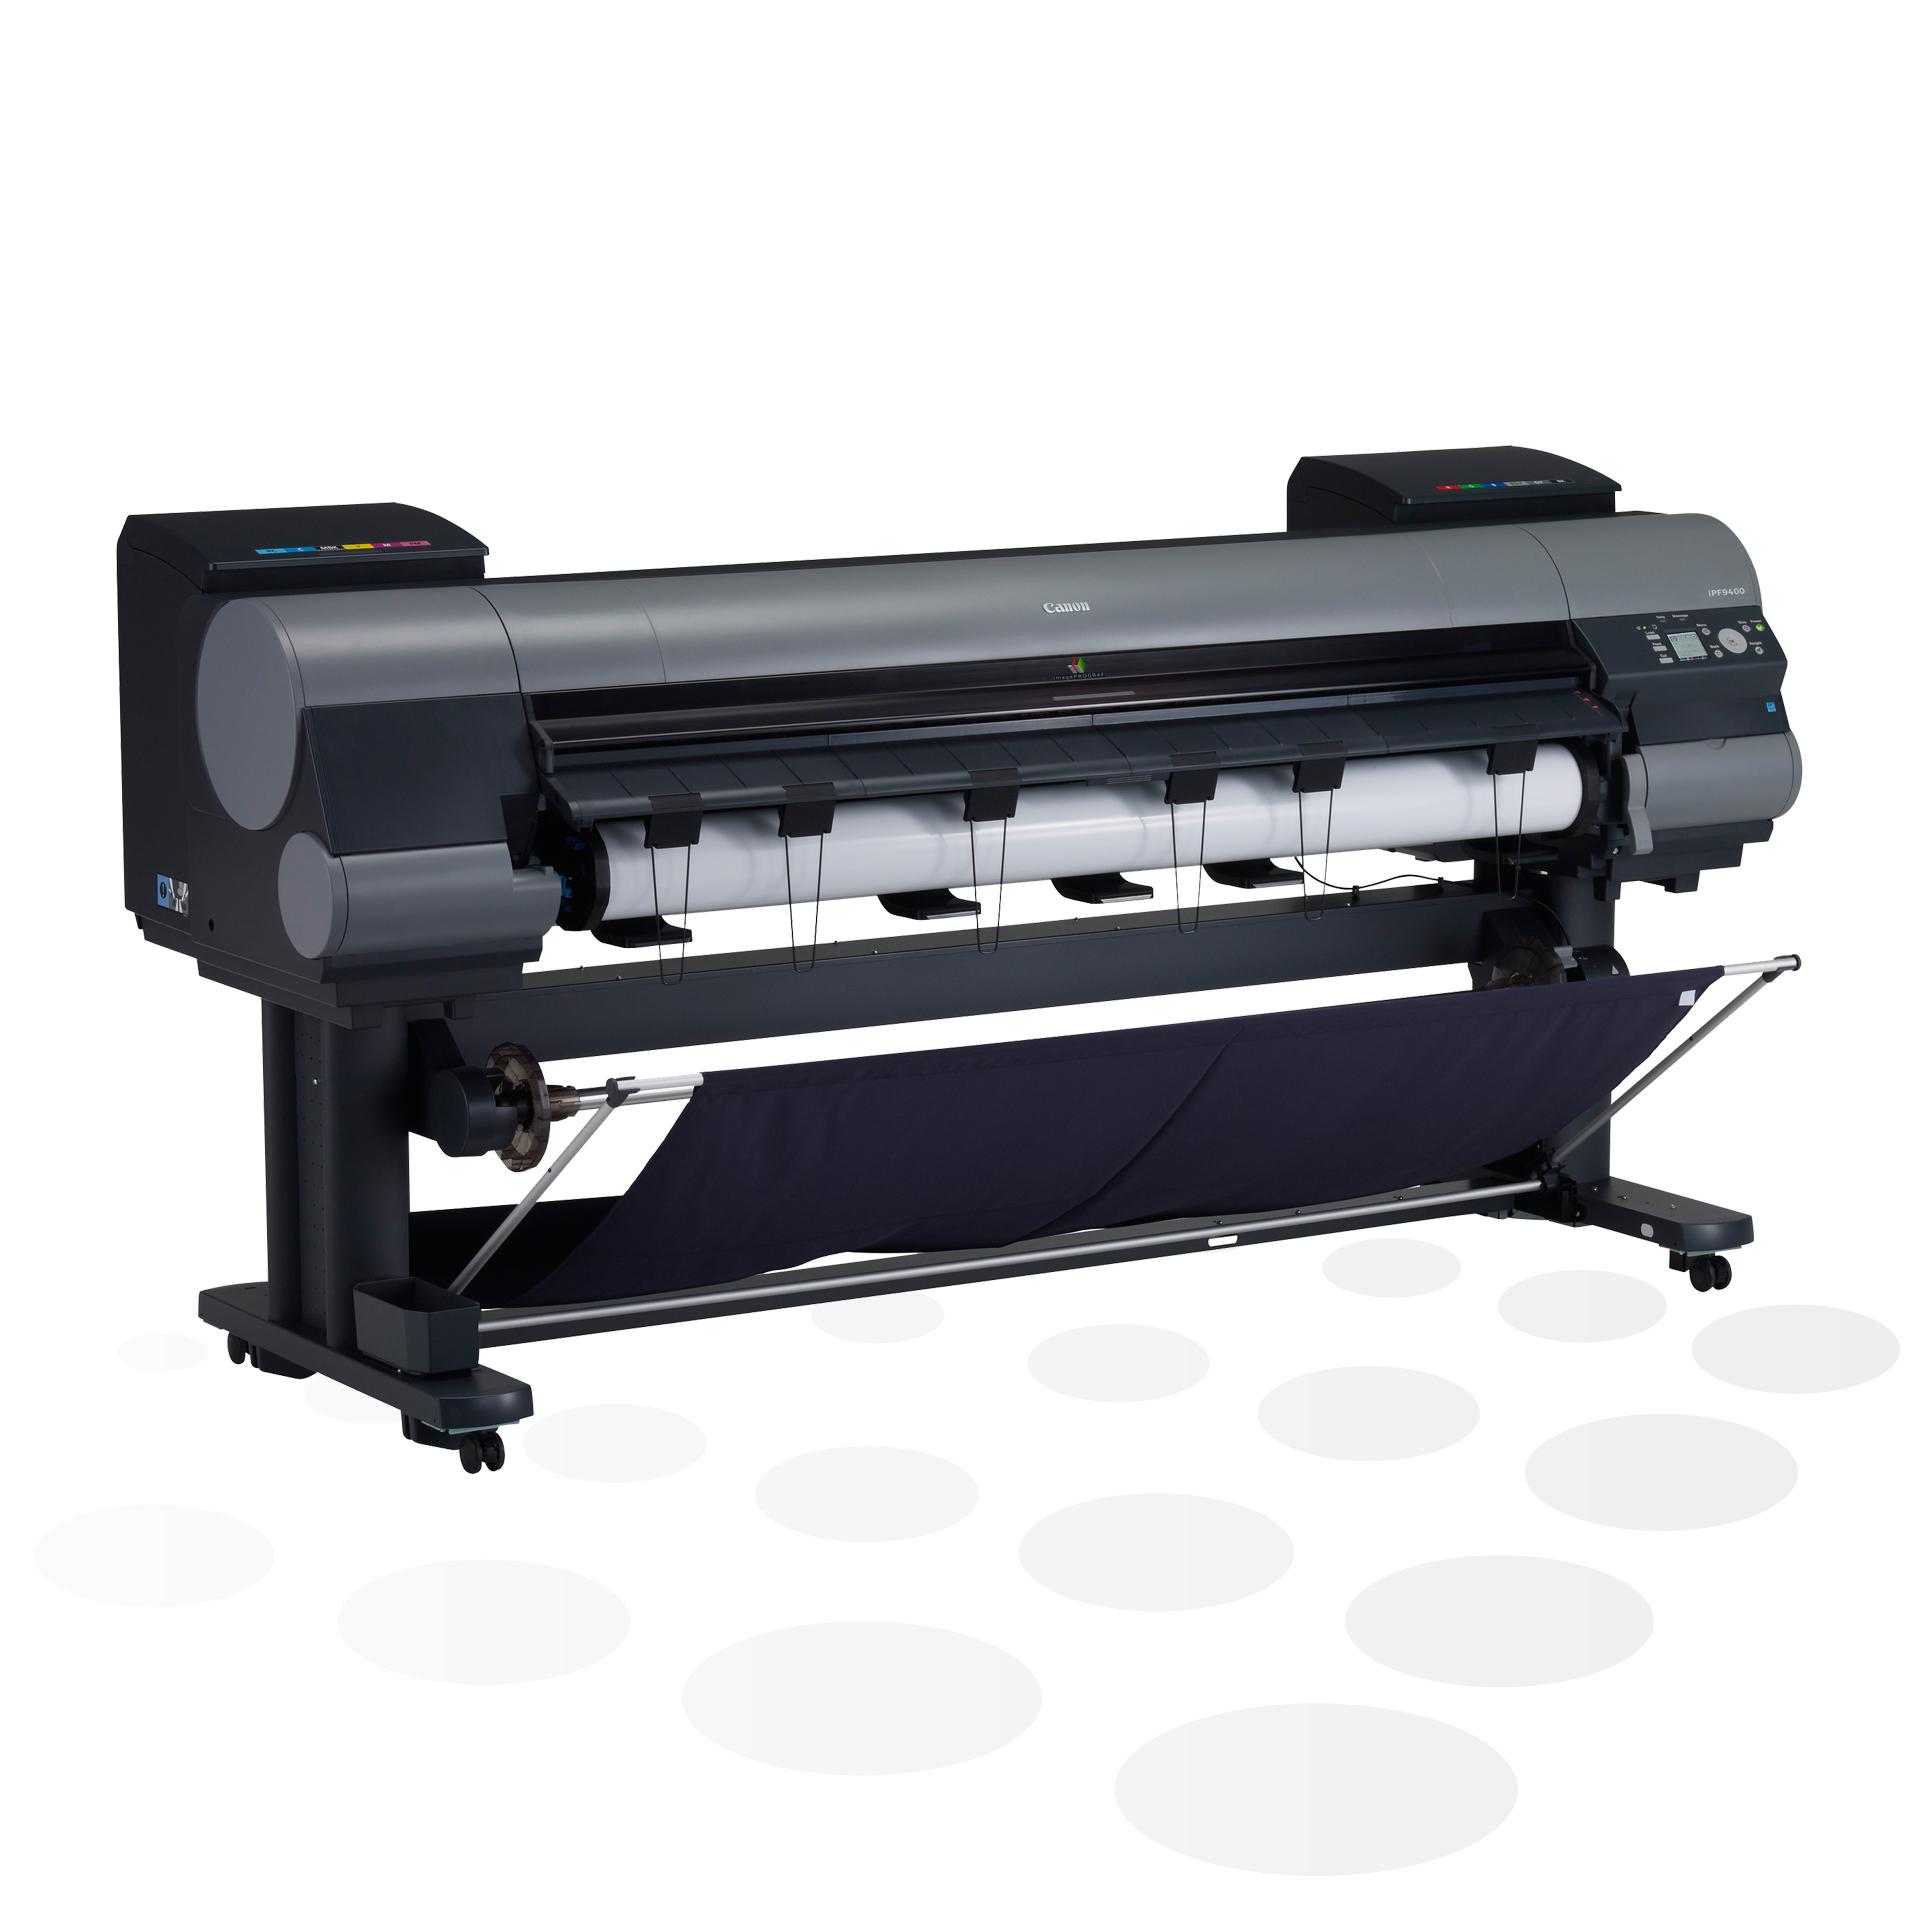 """iPF9400 - 60"""" Foto-/ Fine-Art Drucker mit Auffangkorb"""